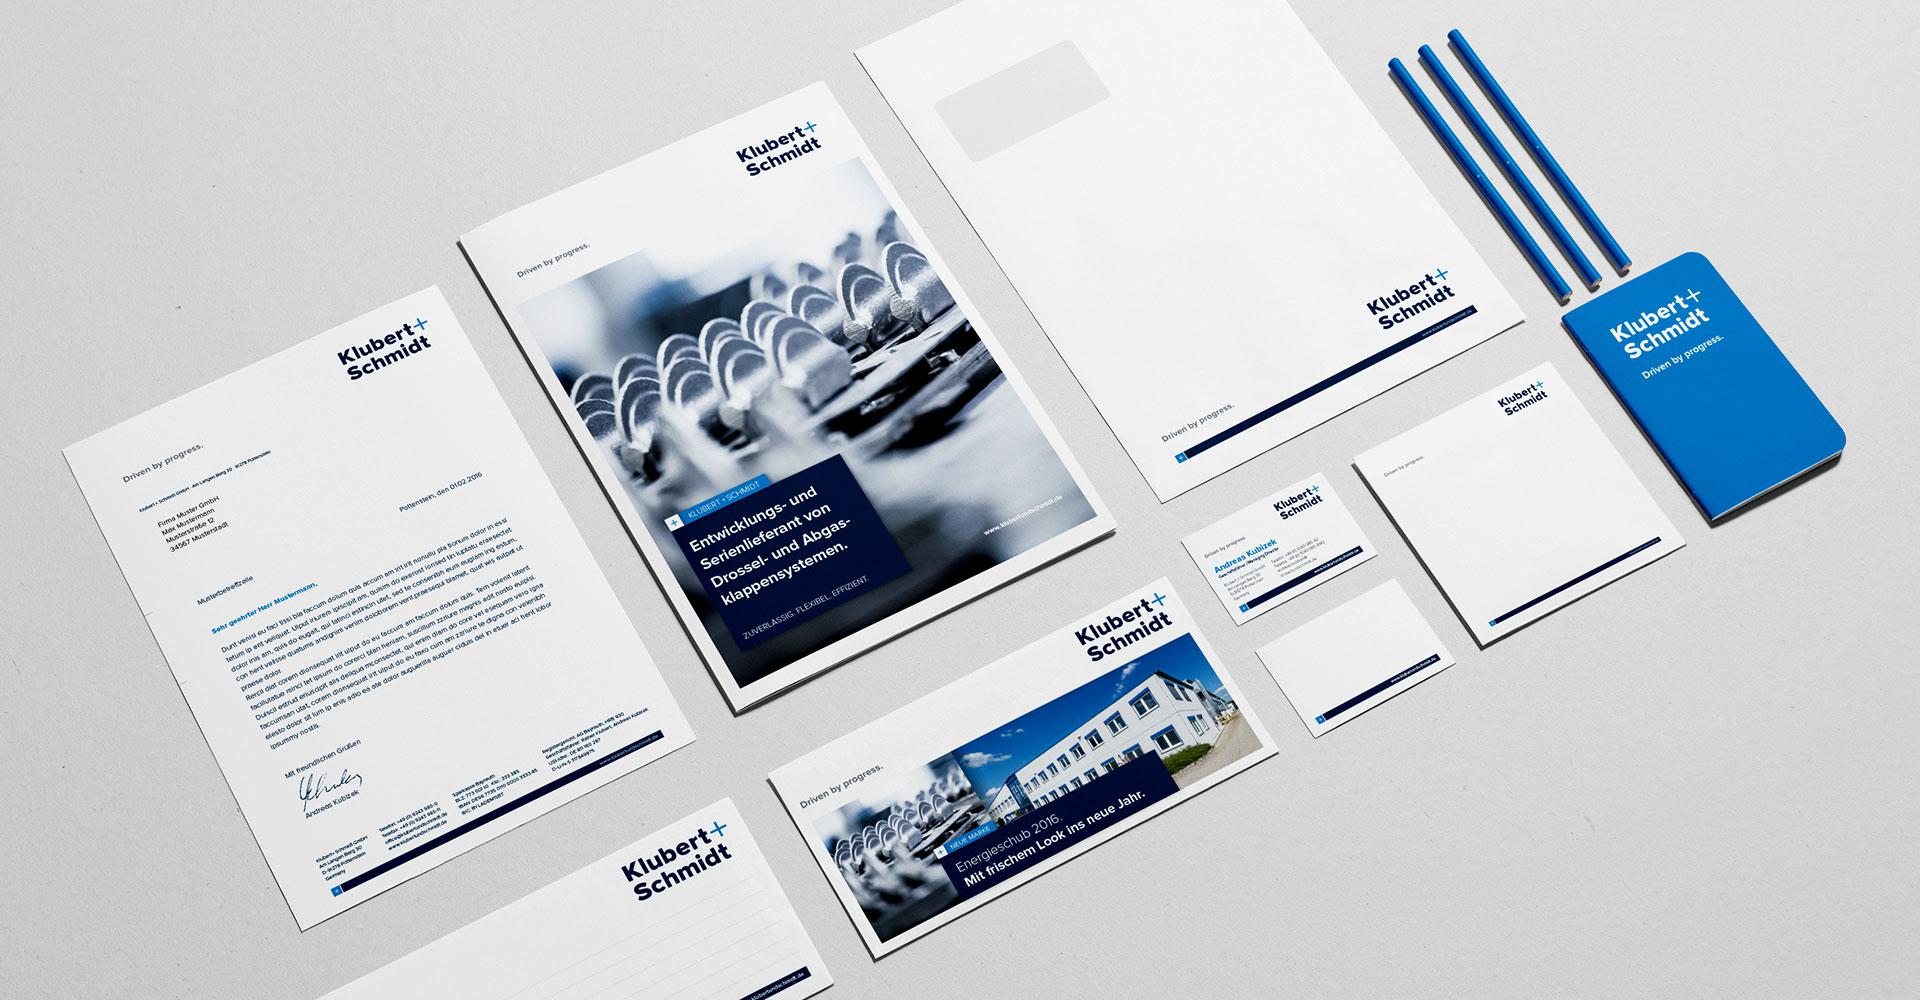 OPUS Marketing / Projekte / Klubert+Schmidt / Markenaufbau / Geschäftsausstattung